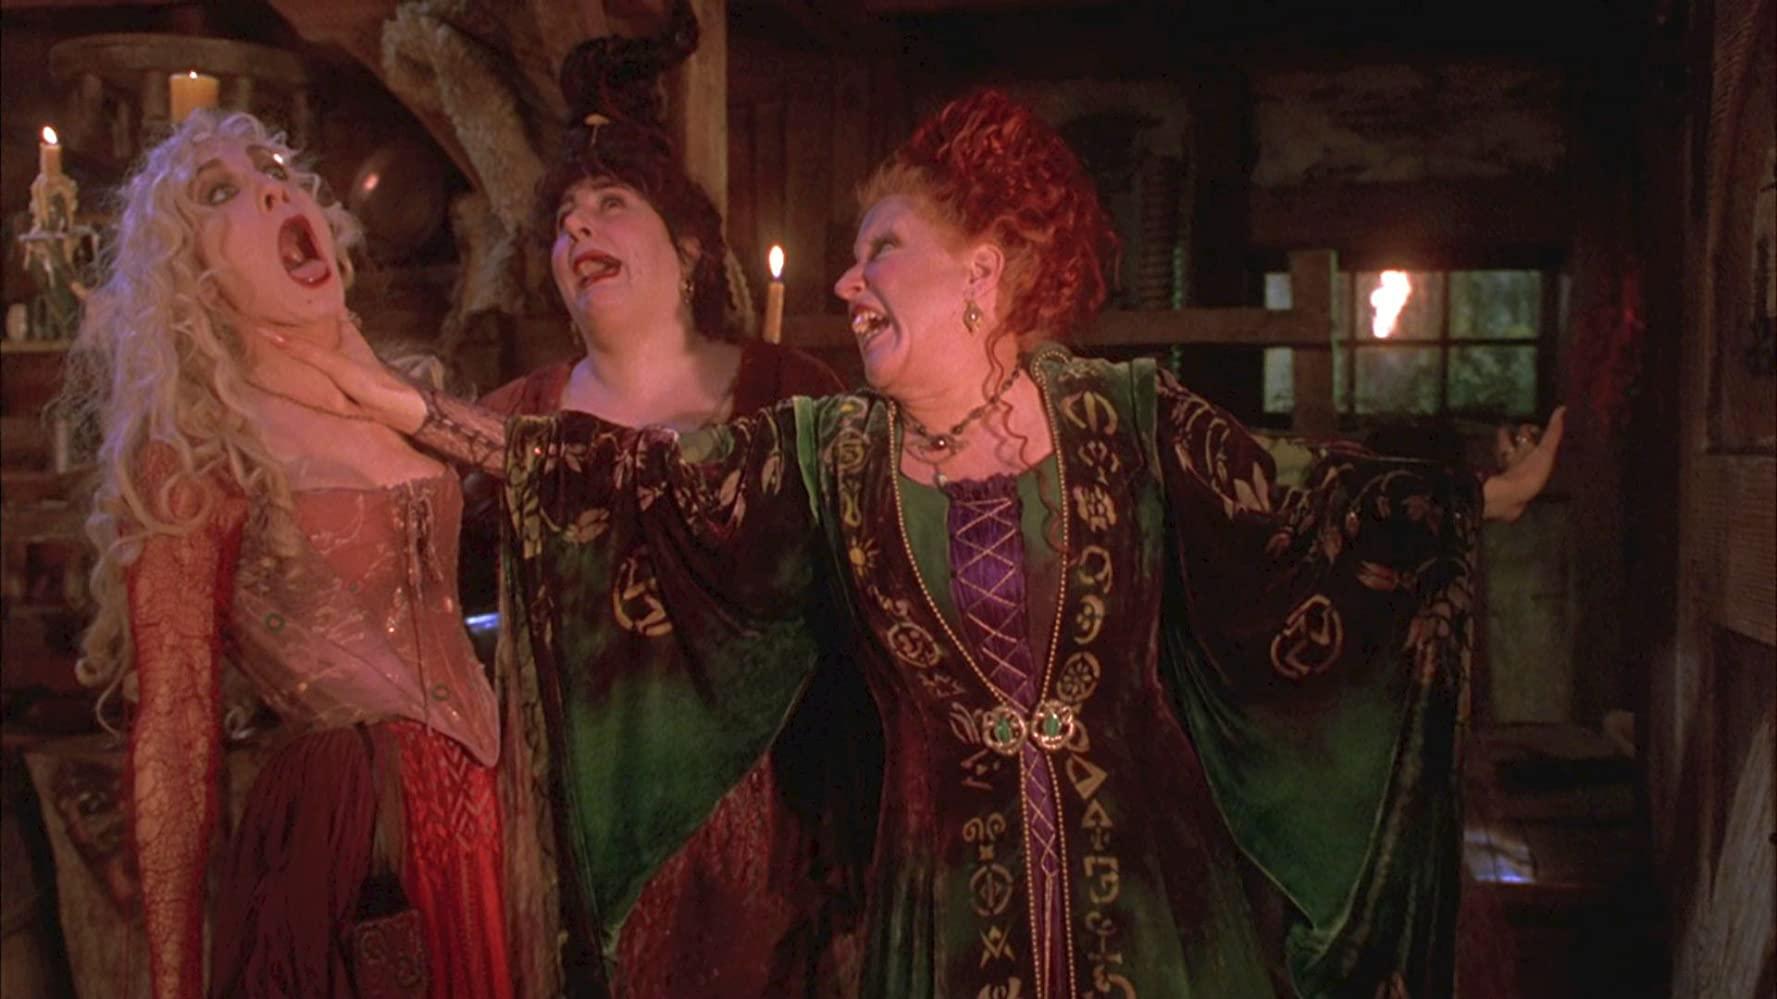 Hocus Pocus Fans Got A Sneak Peek Of The Sanderson Sisters Reunion Pennlive Com